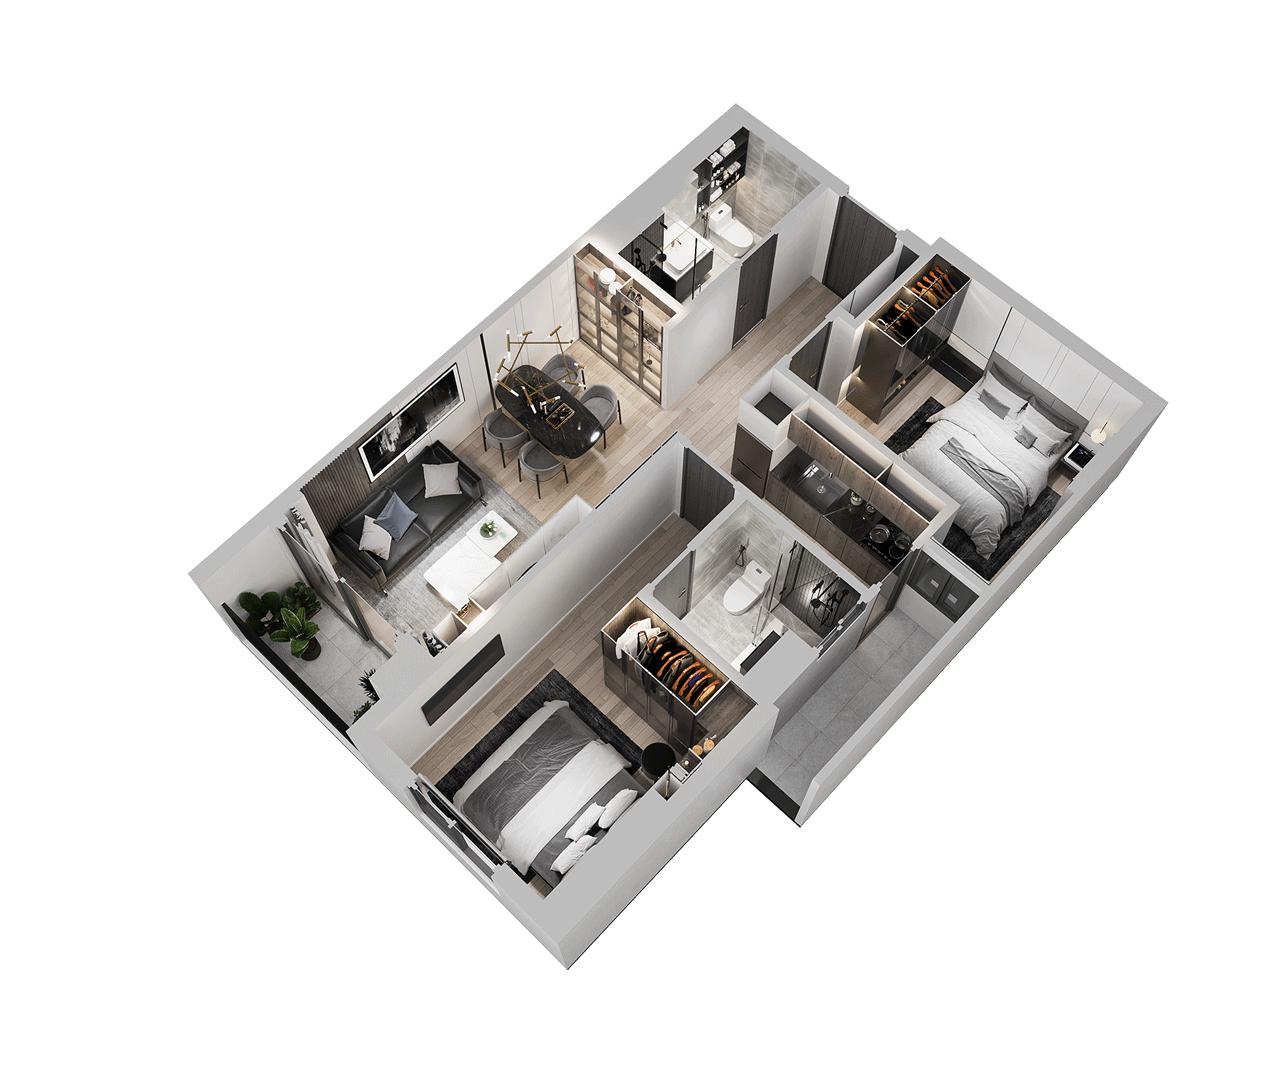 Căn hộ 2 phòng ngủ 65 m2 Tecco Felice Homes